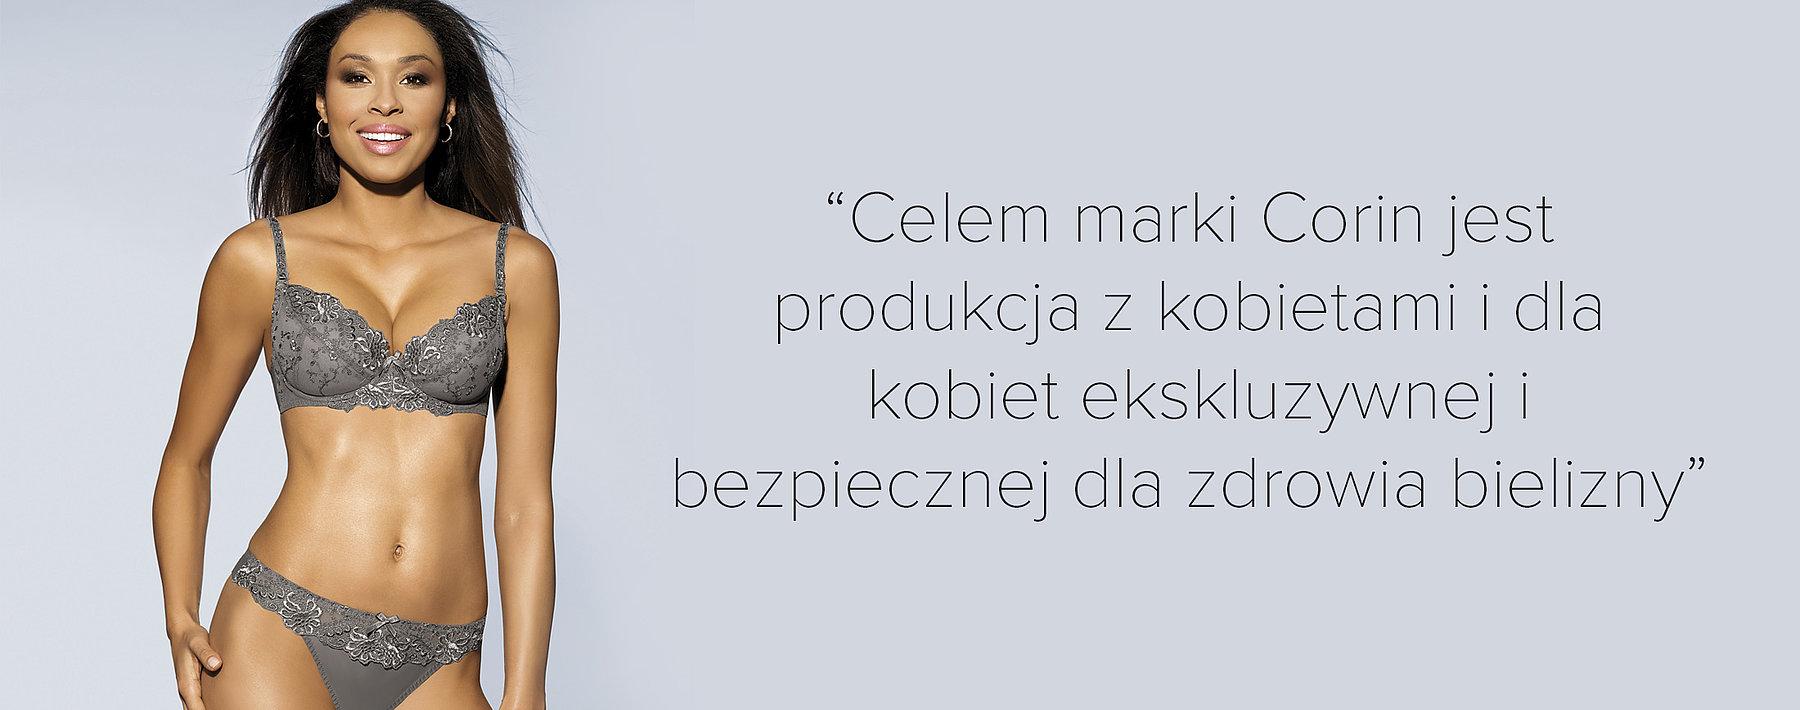 b3bacb74a7ccab Firma Corin to firma nowoczesna i innowacyjna. We współpracy z Politechniką  Łódzką i Centrum Zdrowia Matki Polki przeprowadziła unikatowe badania, ...